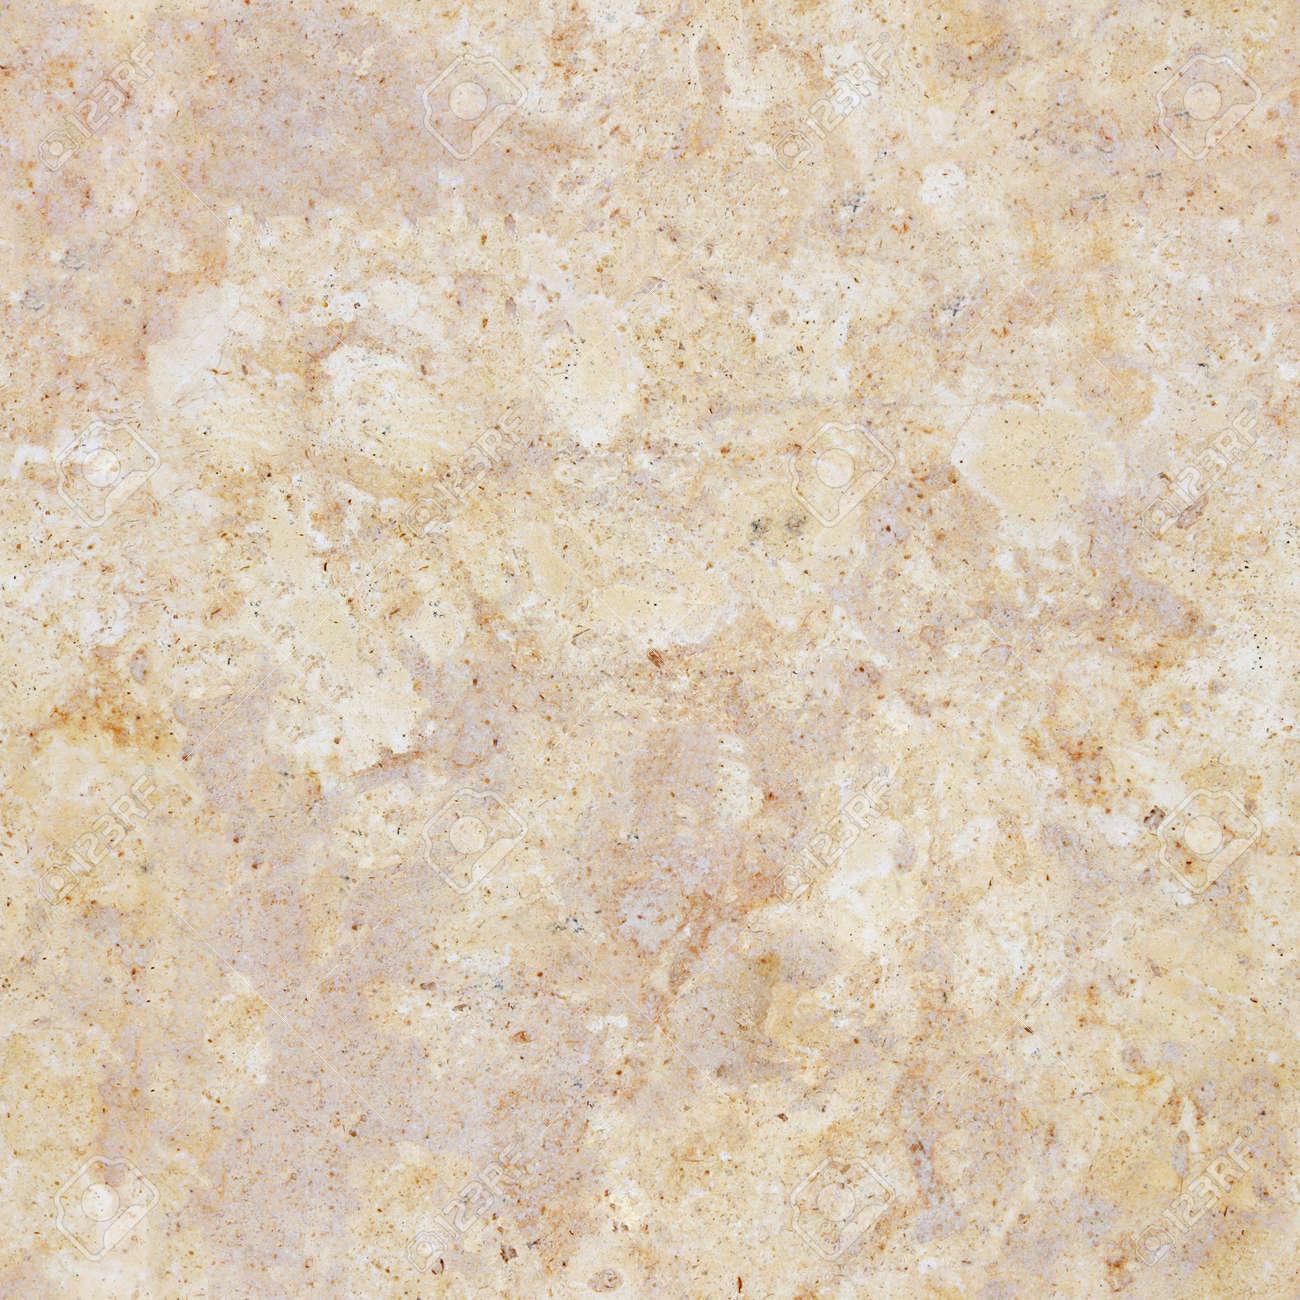 Cheap Nahtlose Beige Marmor Steinmauer Textur Fliesen Creme Marmor  Hintergrund Mit Natrlichen Muster Standard With Fliesen Cremefarben